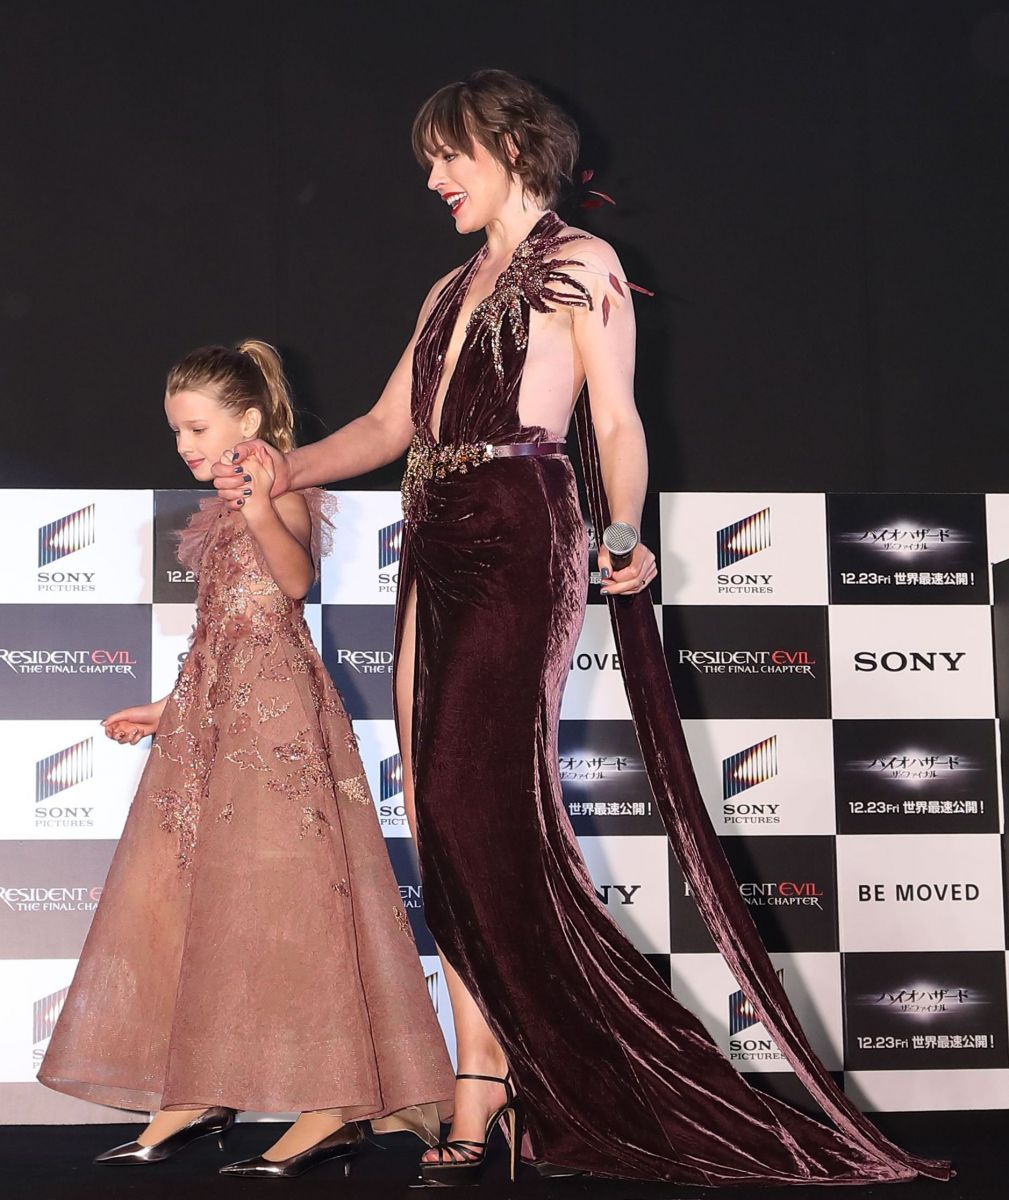 Образ дня: Мила Йовович в открытом платье появилась на публике с дочкой